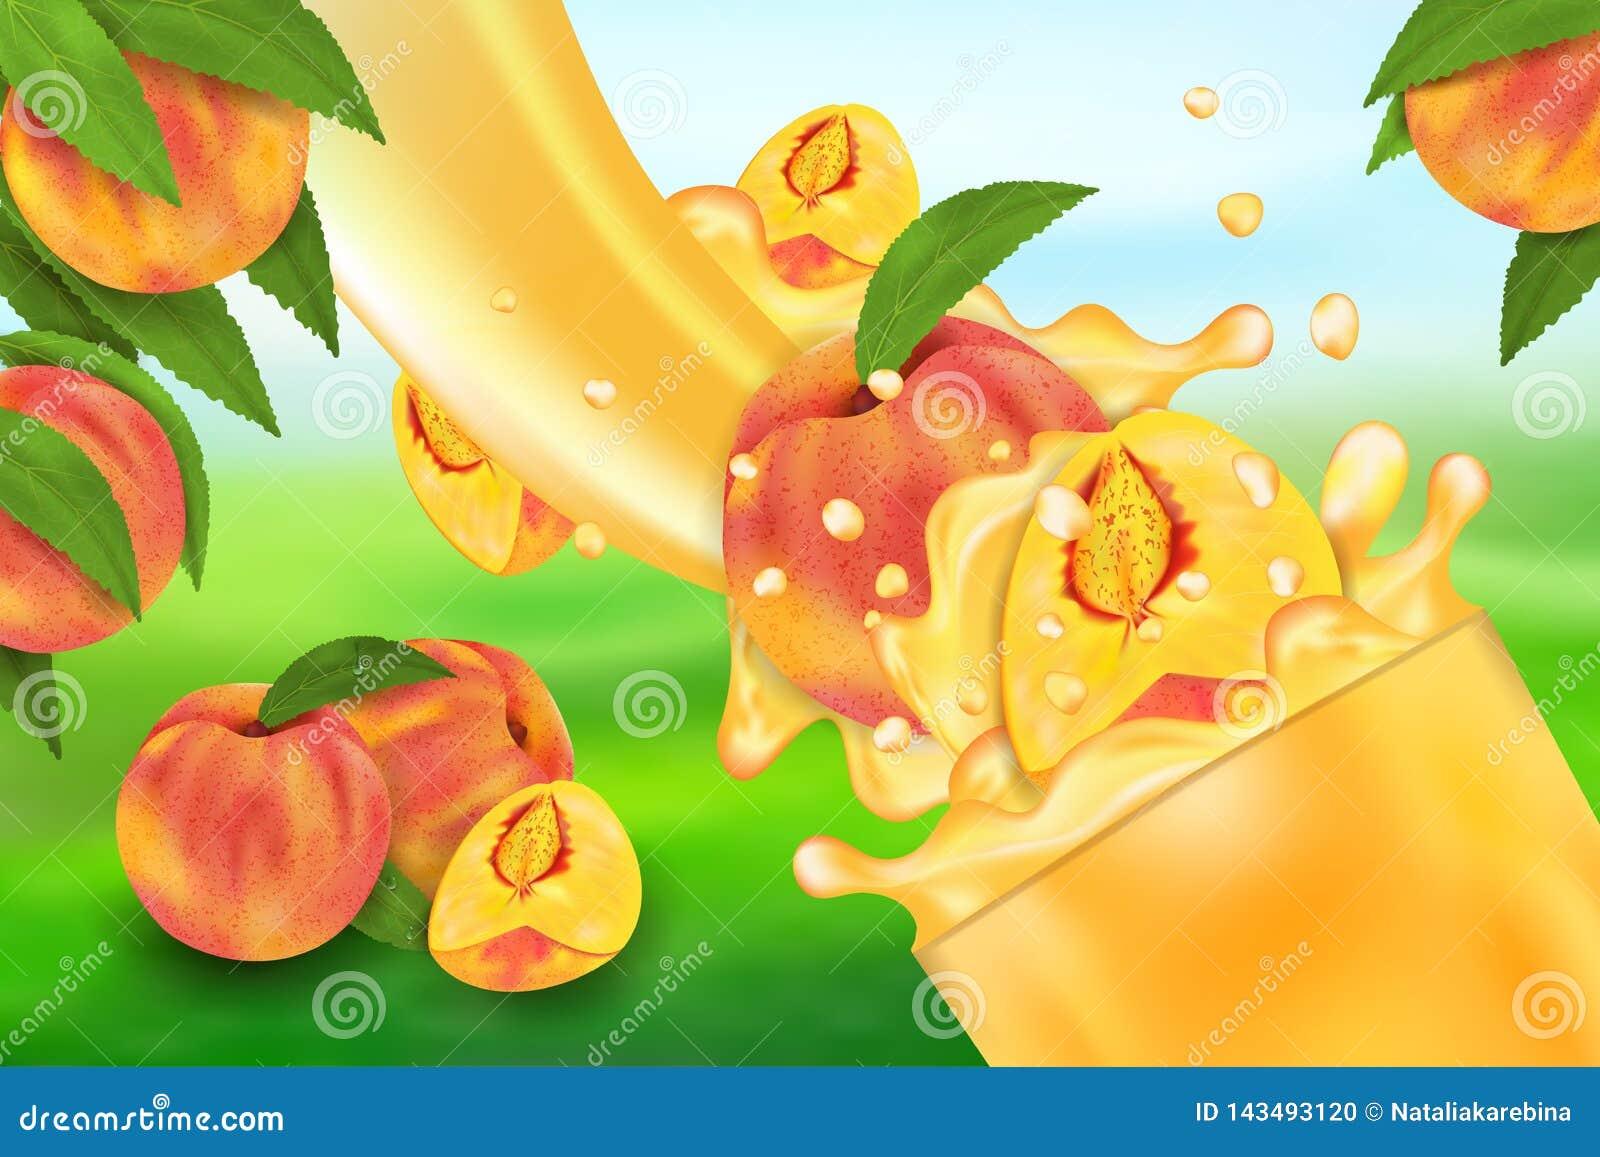 E Stroom van vloeistof met dalingen en zoete fruit 3d realistische vectorillustratie, pakketontwerp of affiche